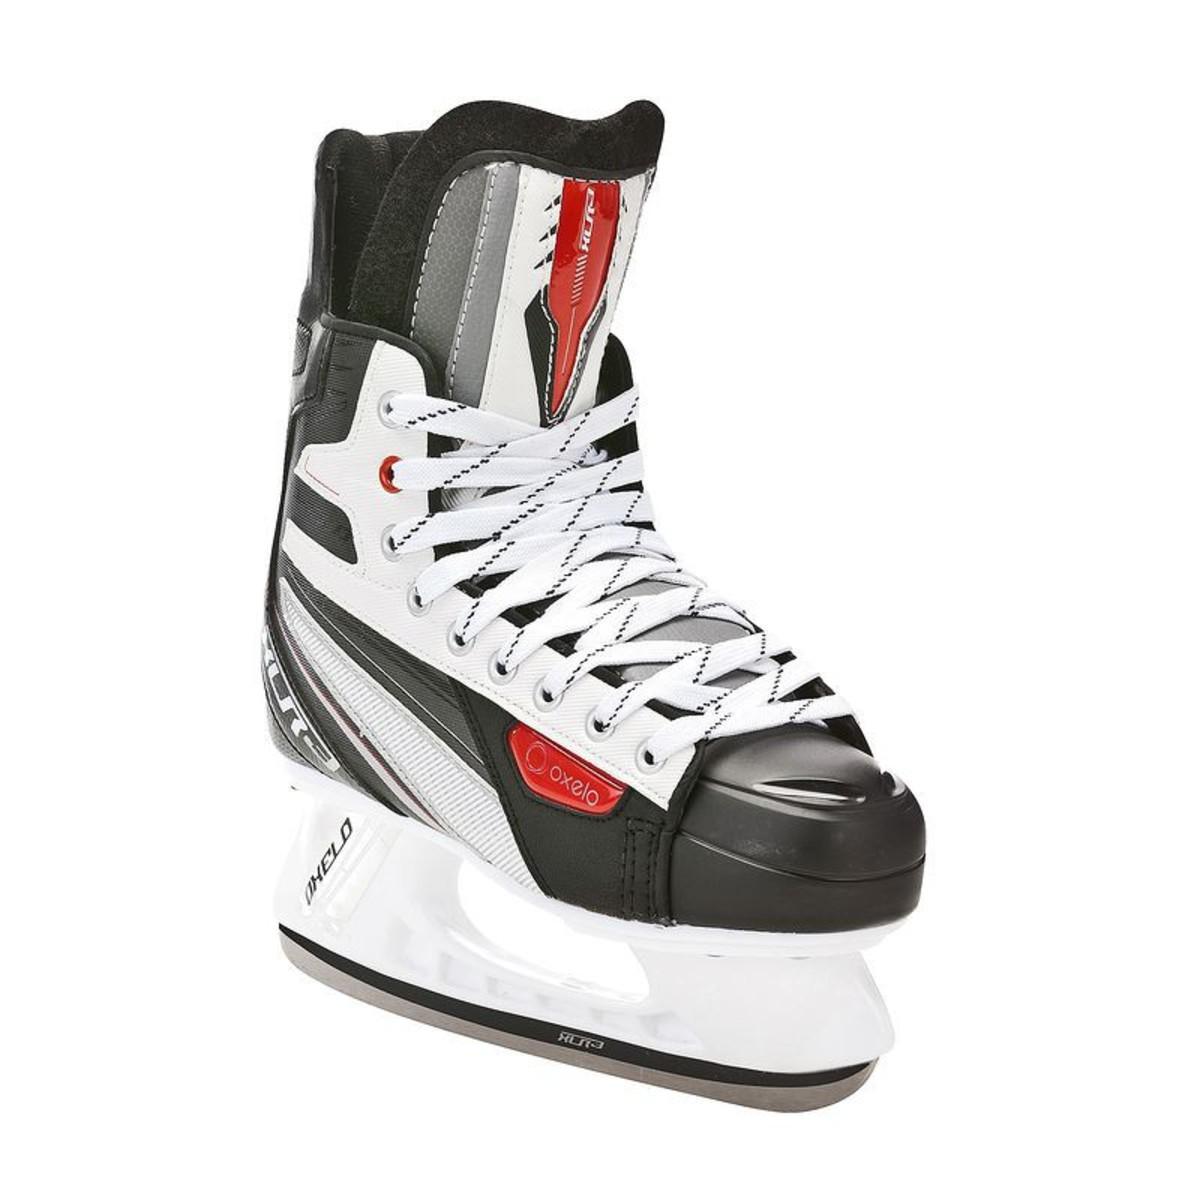 Bild 1 von OXELO Eishockey-Schlittschuhe XLR 3 Erwachsene , Größe: 41